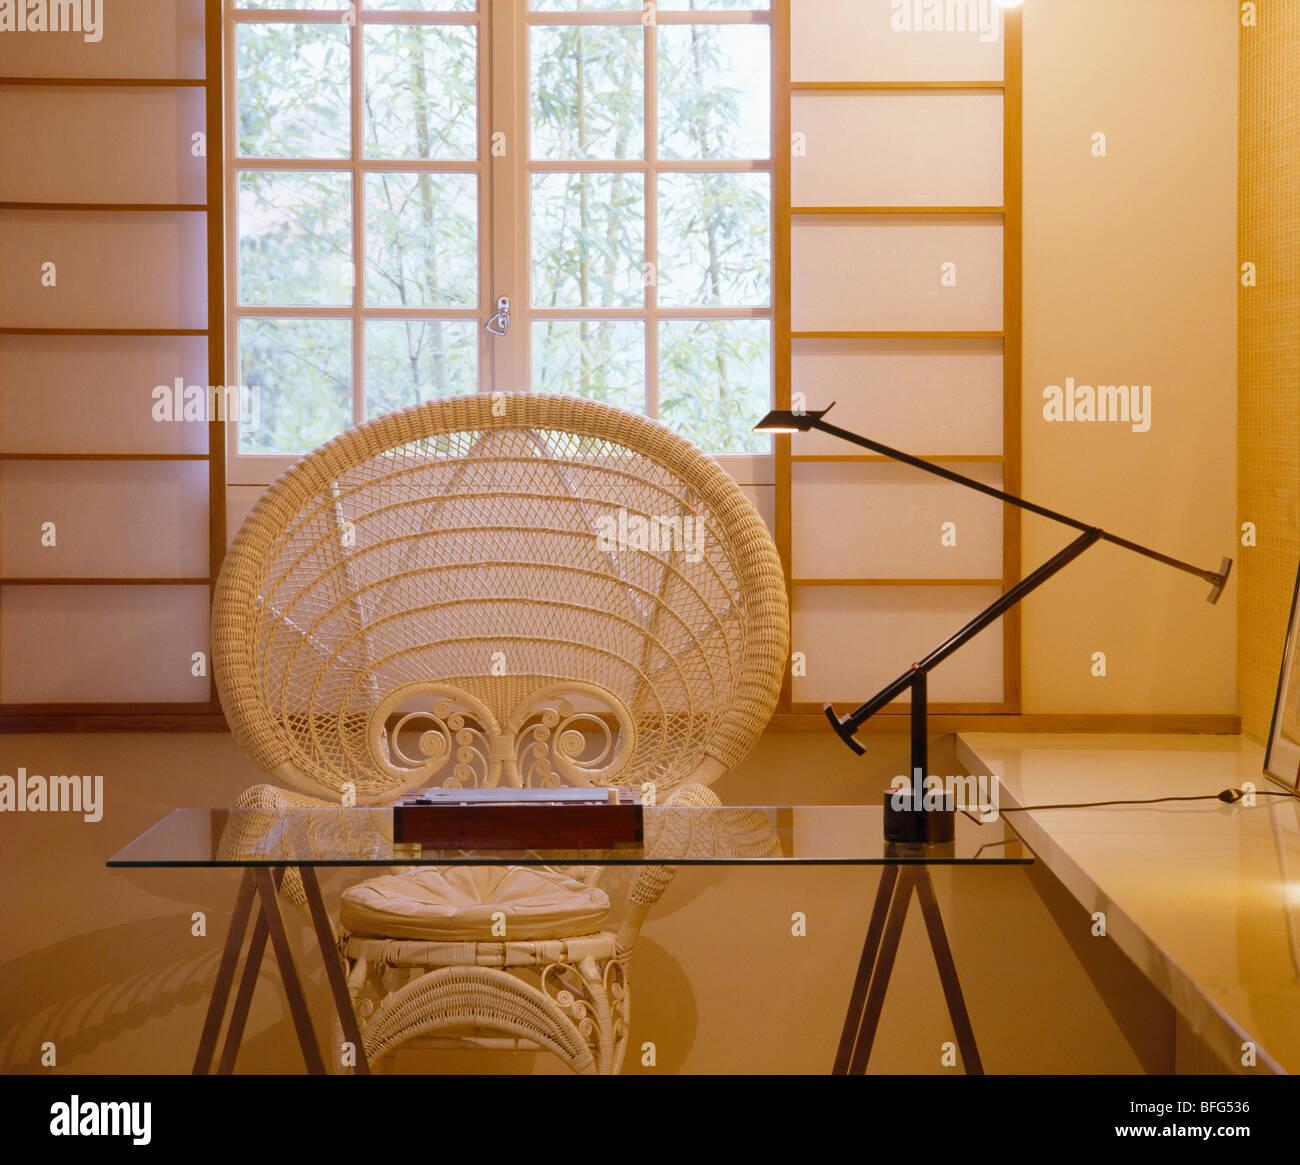 Wicker Pfau Stuhl Und Glas Tisch Mit Artemide Lampe In Modernen